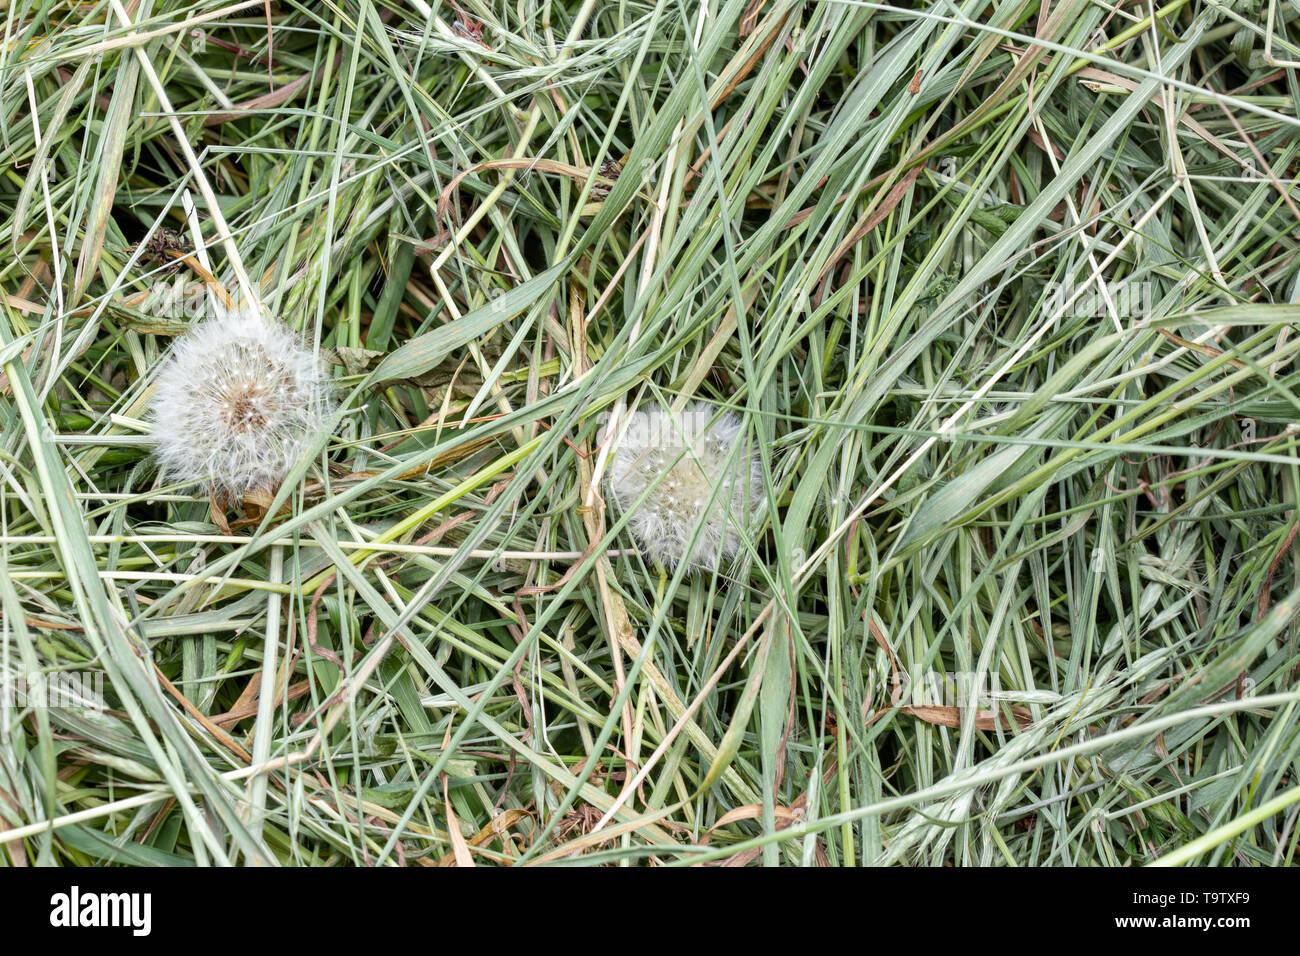 Textura de fondo natural: detalle de un montón de hierba recién cortada en las hierbas que pueden usarse para abono y paja u otros usos agrícolas y de jardín. Foto de stock